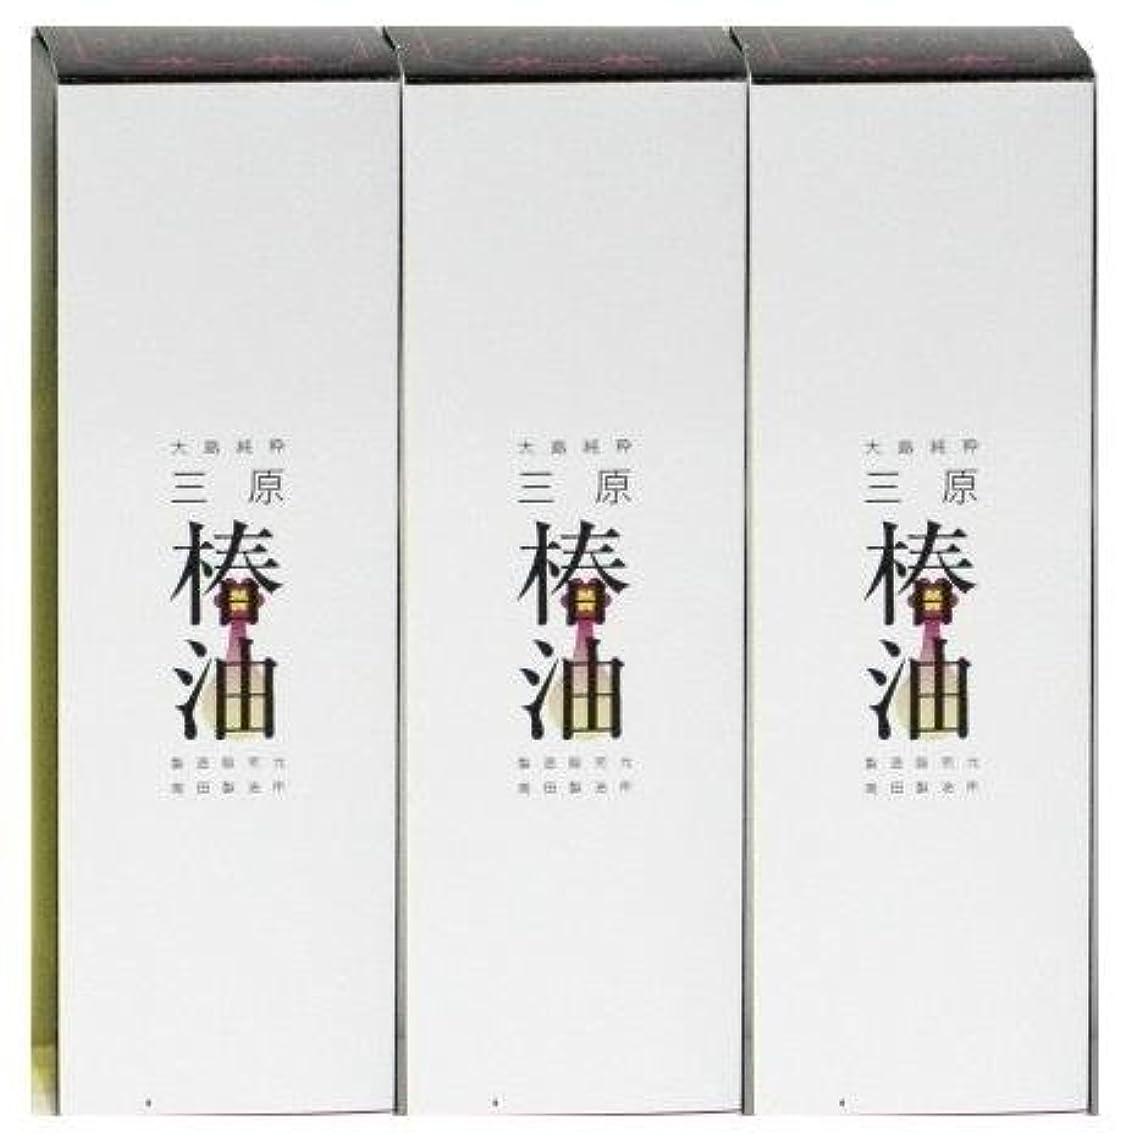 役立つ作り上げるパステル【伊豆大島のヤブ椿100%】大島純粋三原椿油 150mL×3個セット